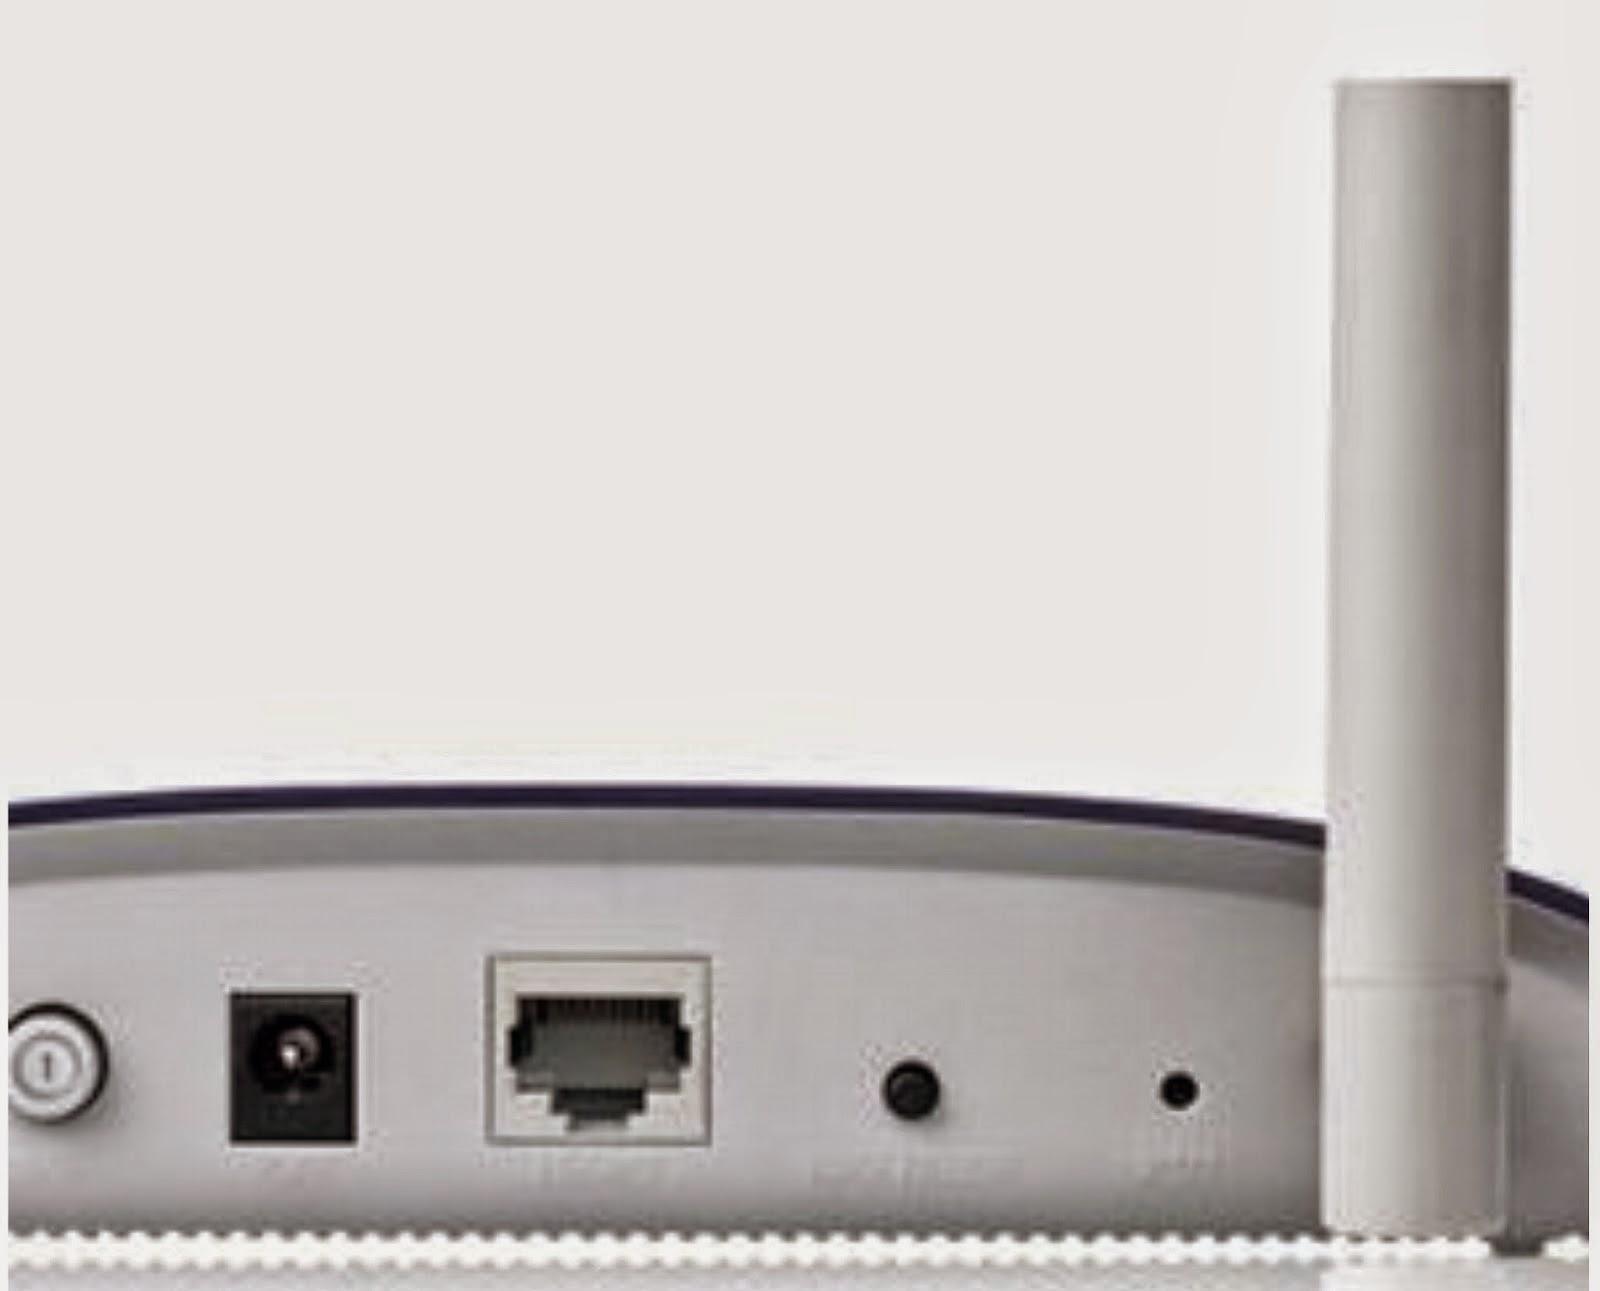 Ciencia y tecnolog a for Amplificadores de wifi potentes